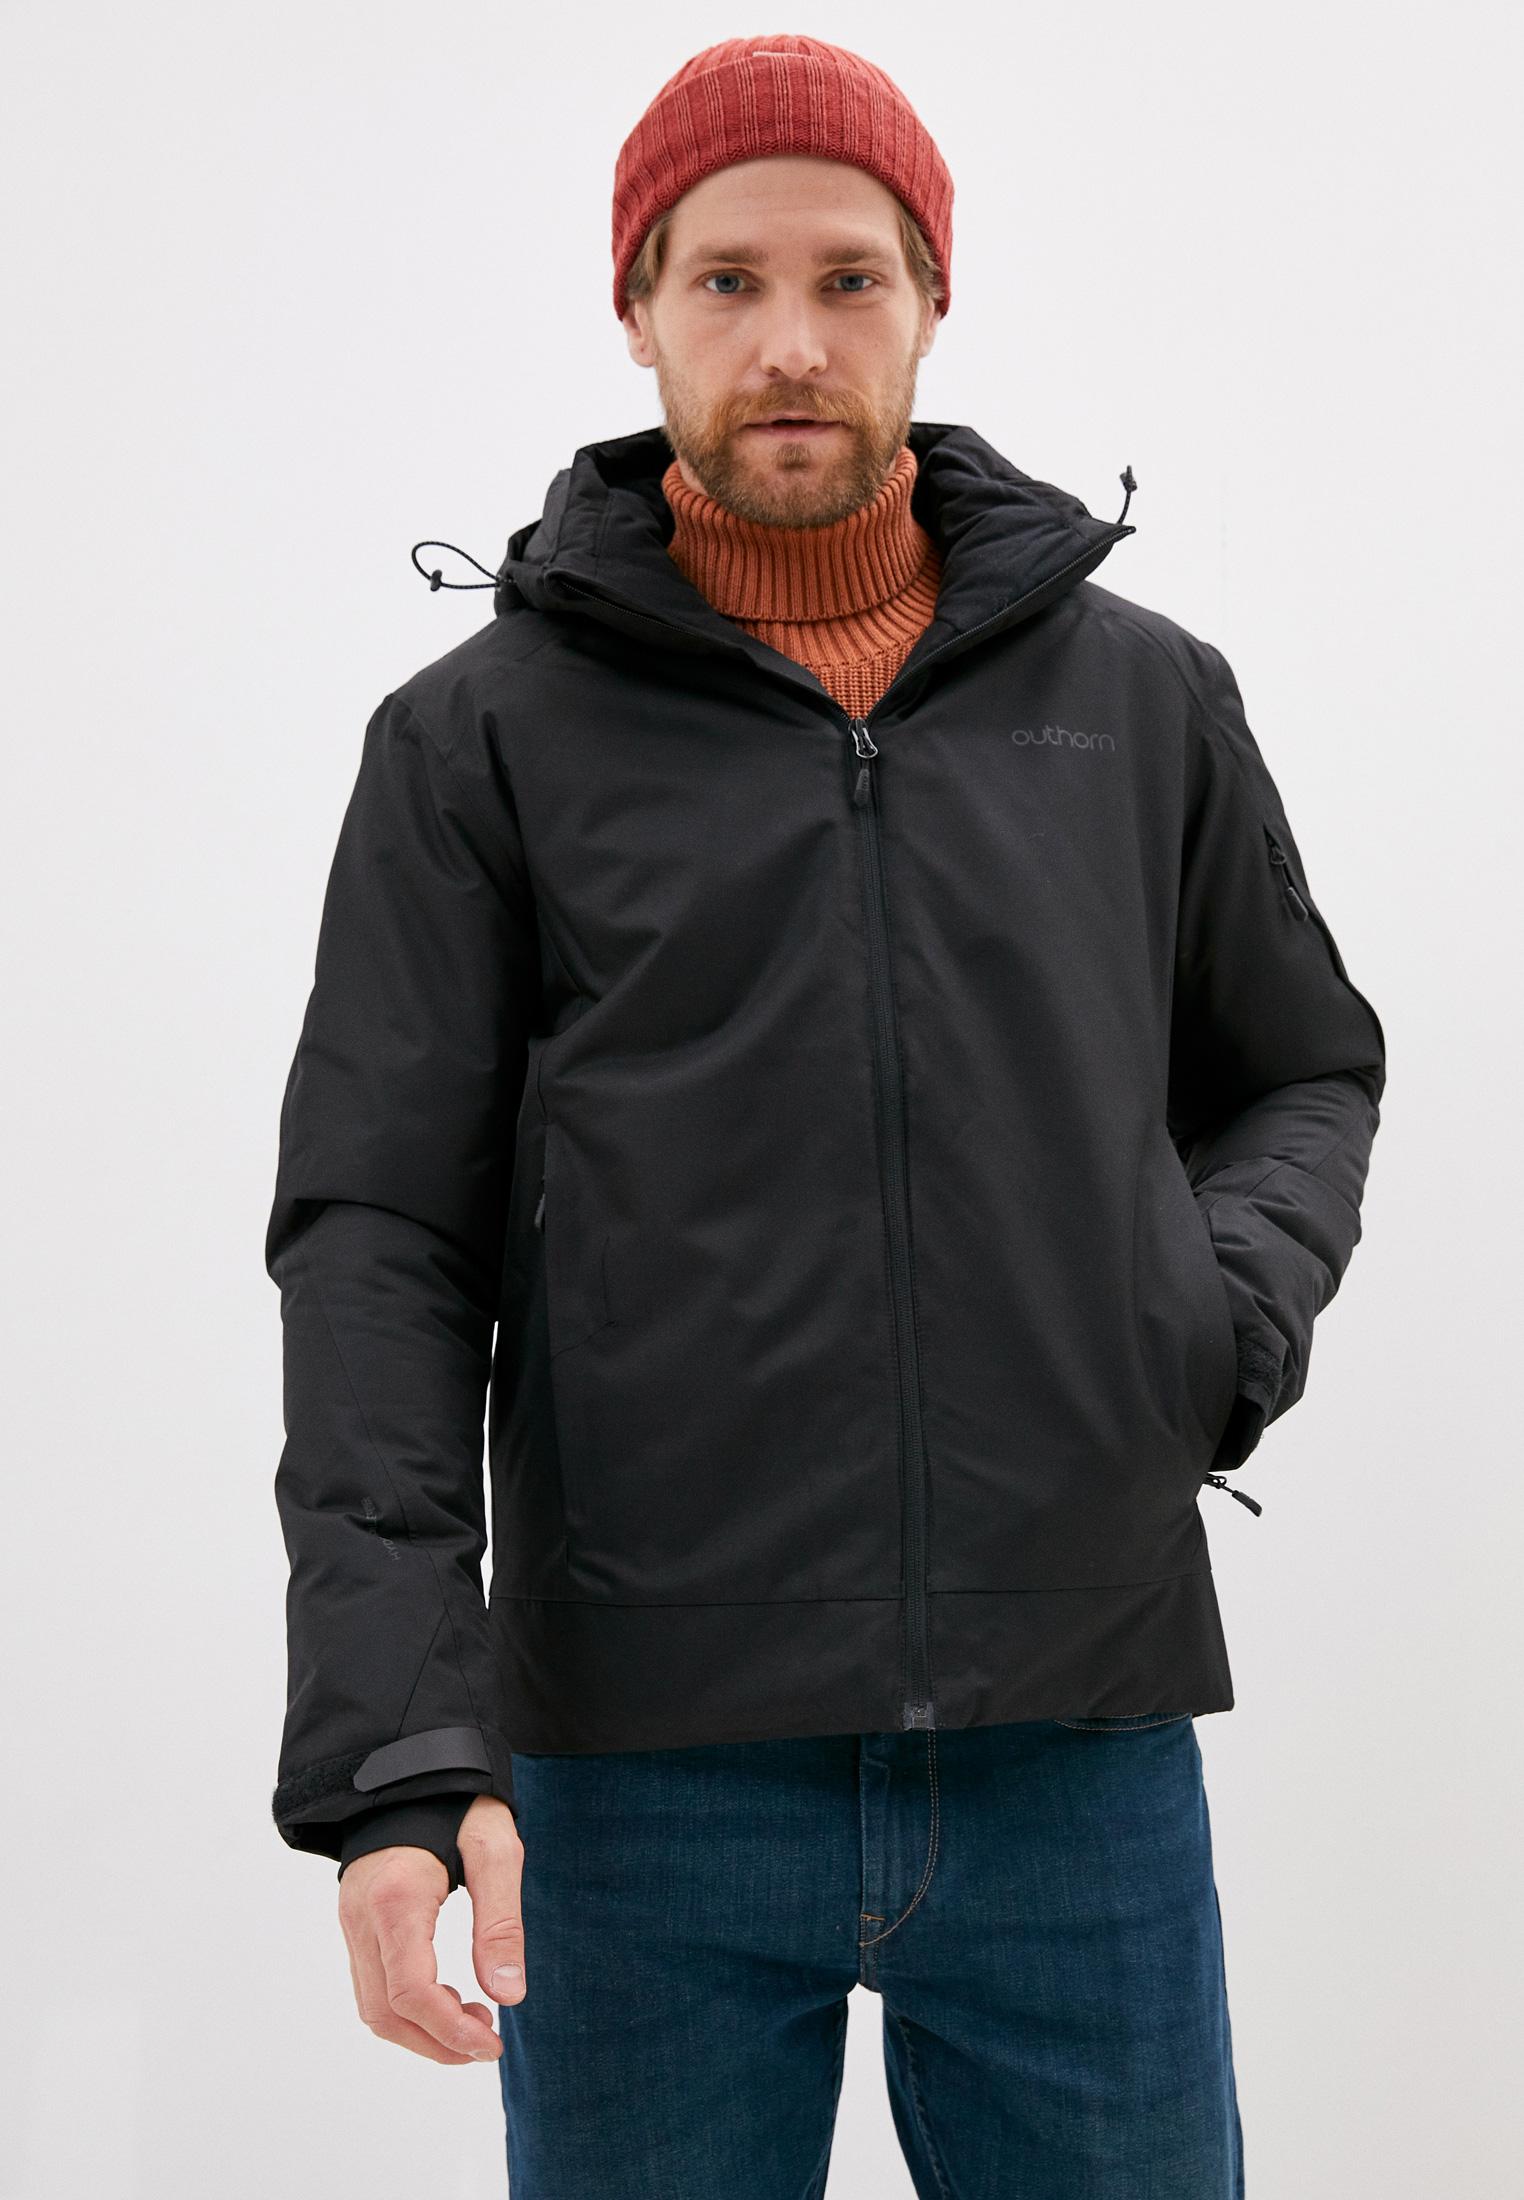 Мужская верхняя одежда Outhorn HOZ20-KUMN601